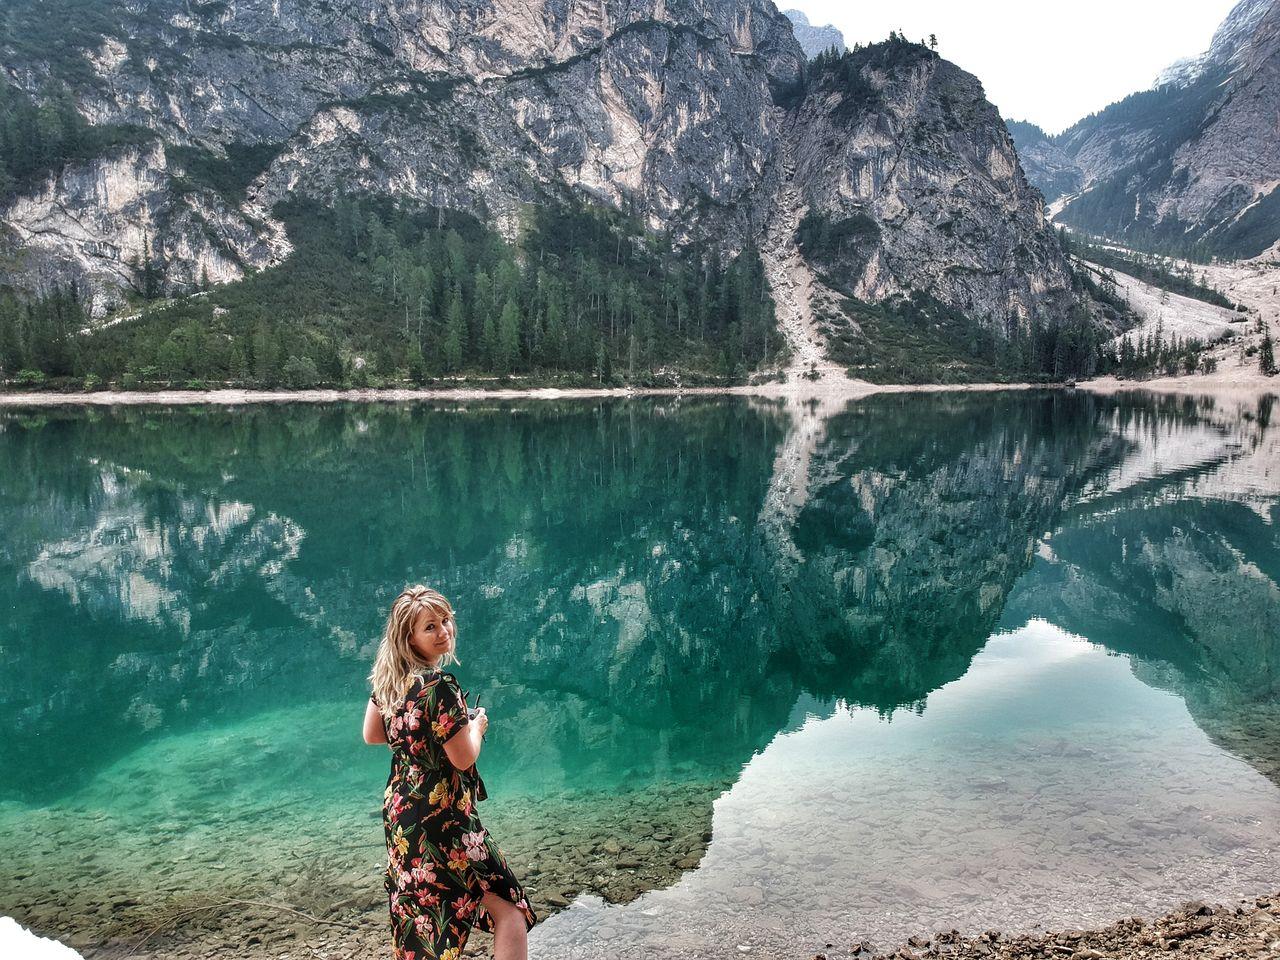 Lago di Braies Pragser Wildsee Zuid Tirol drone